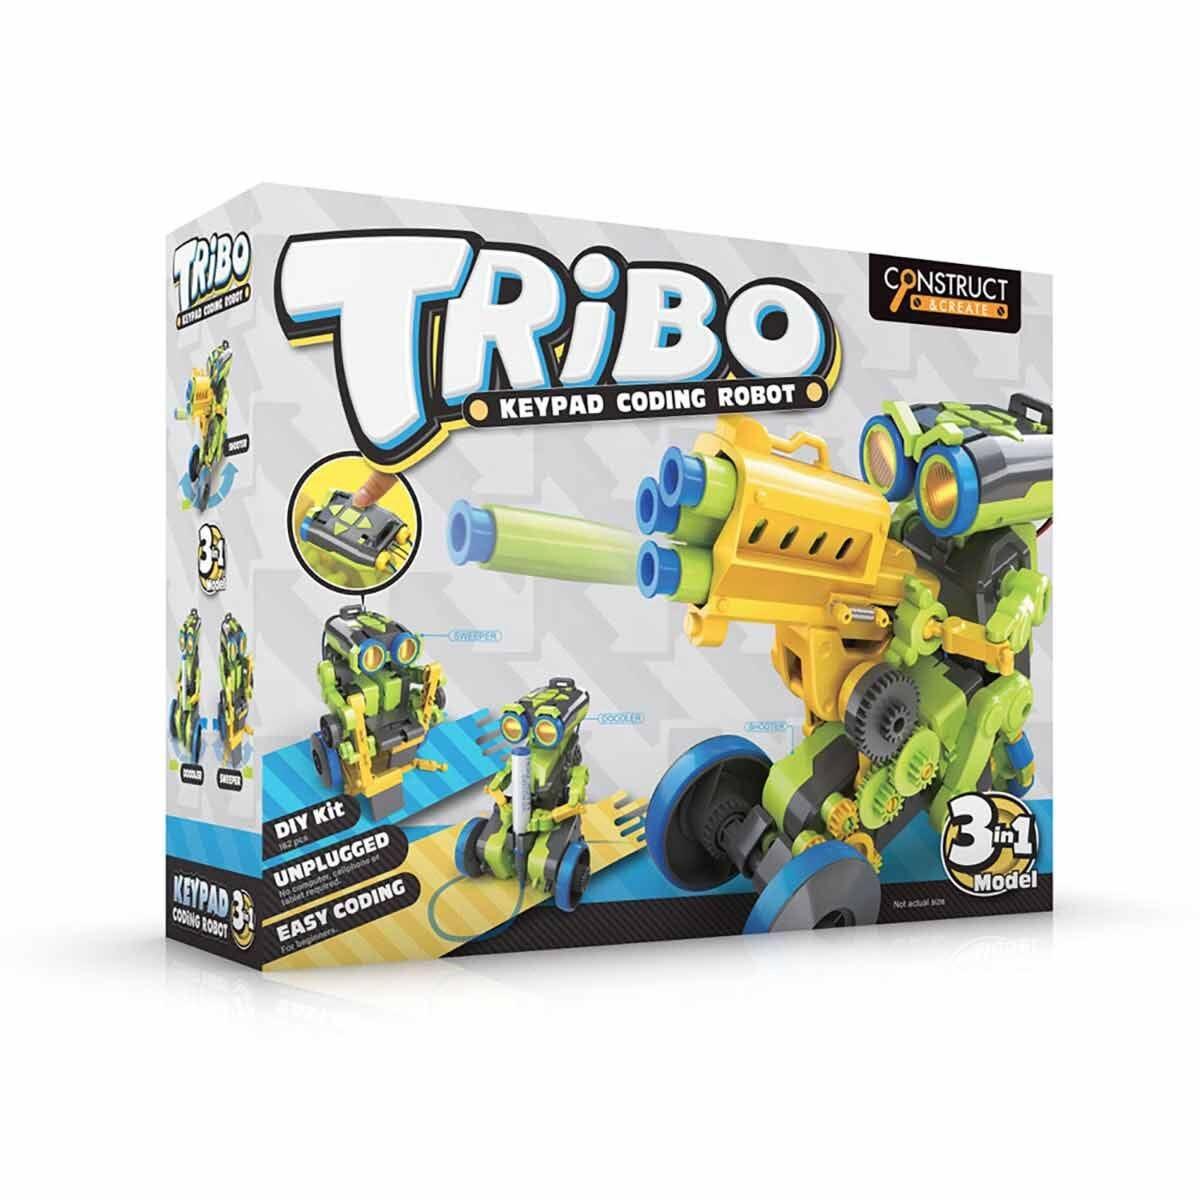 Tribo 3 in 1 Coding Robot Kit